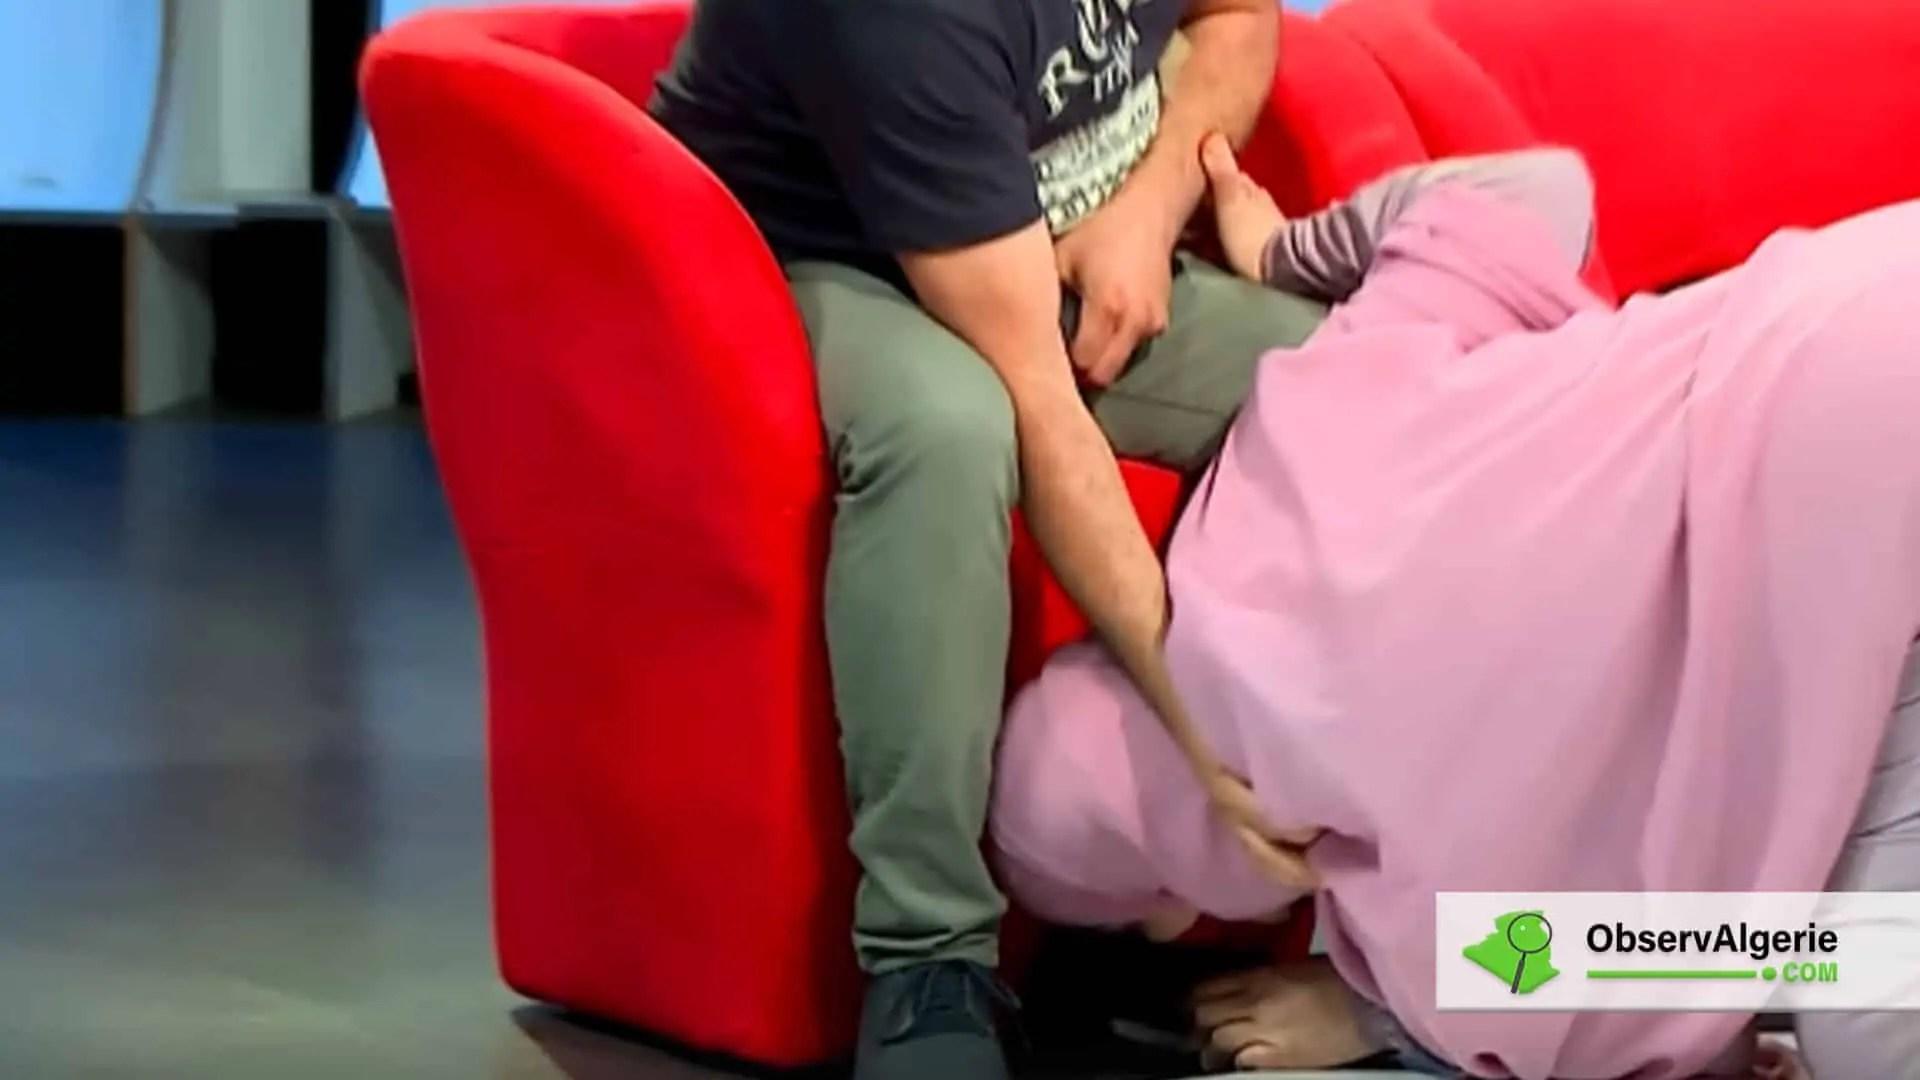 Algérie : Une émission télévisée où une femme embrasse les pieds de son mari enflamme la toile